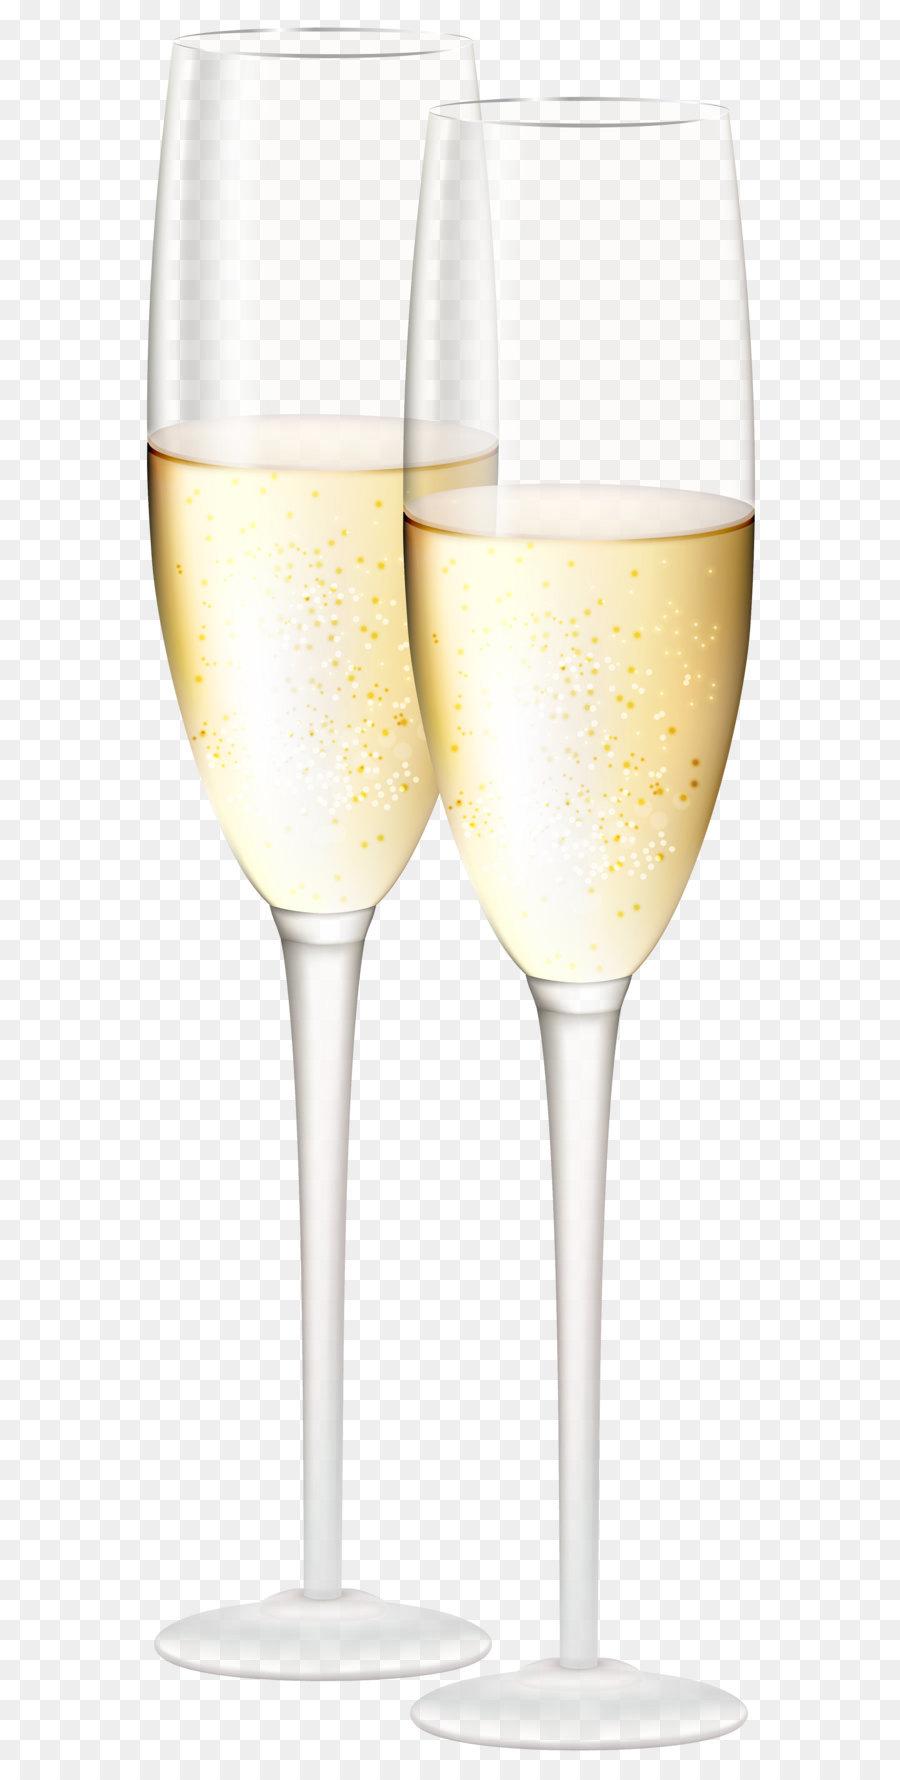 Белое вино, бокал коктейль бокал - Бокалы для шампанского ... Фужер Png